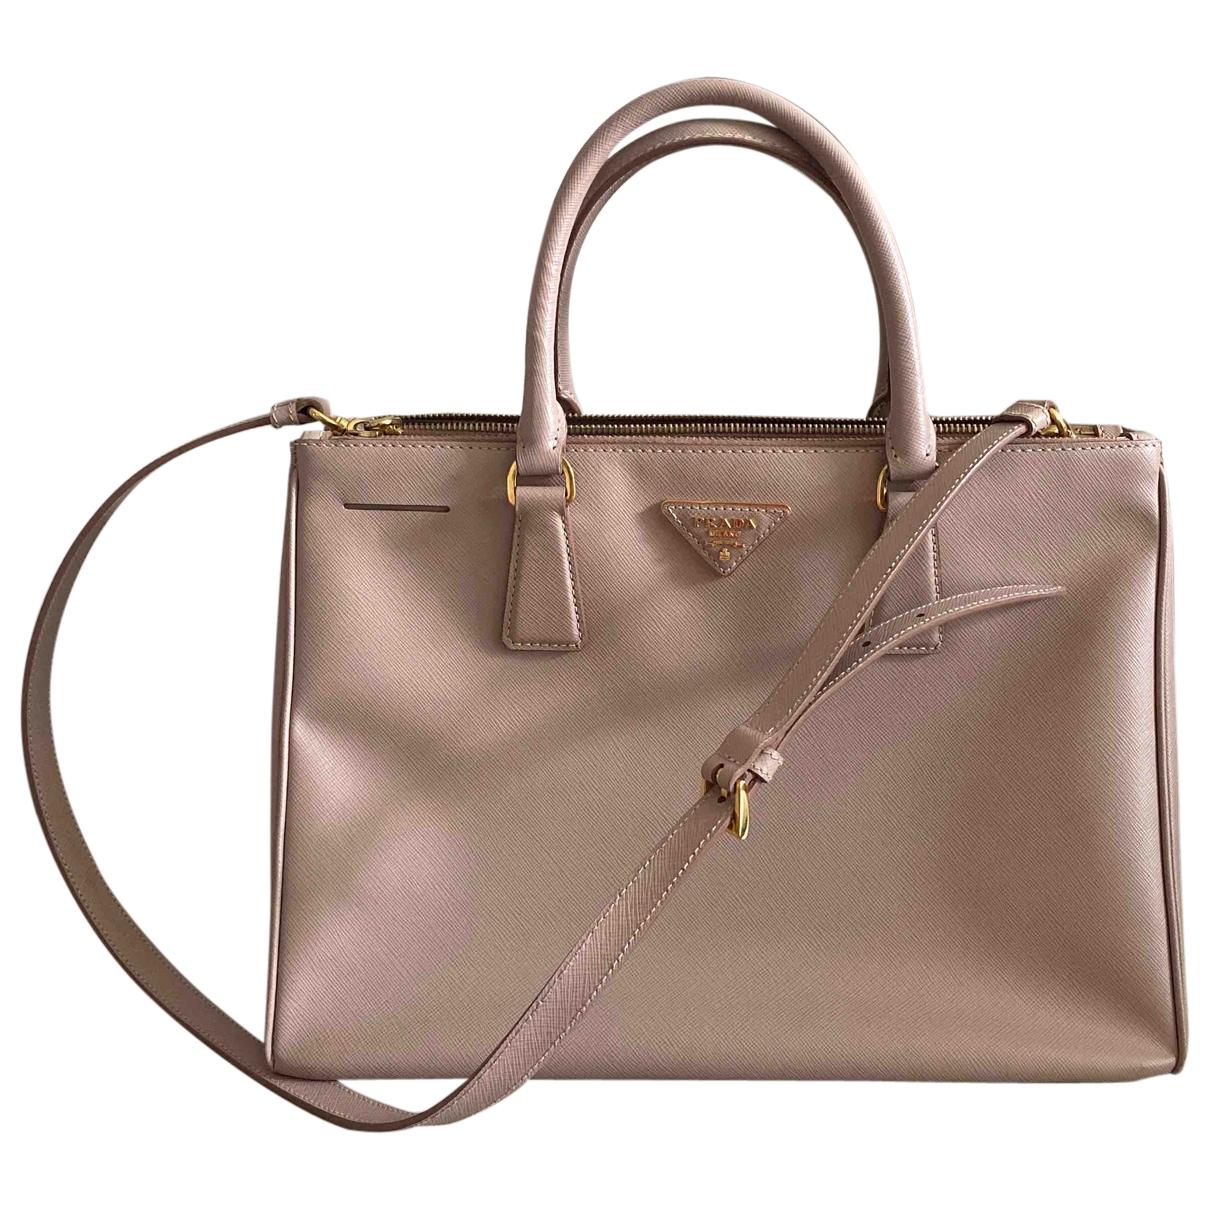 Prada - Sac a main Galleria pour femme en cuir - rose